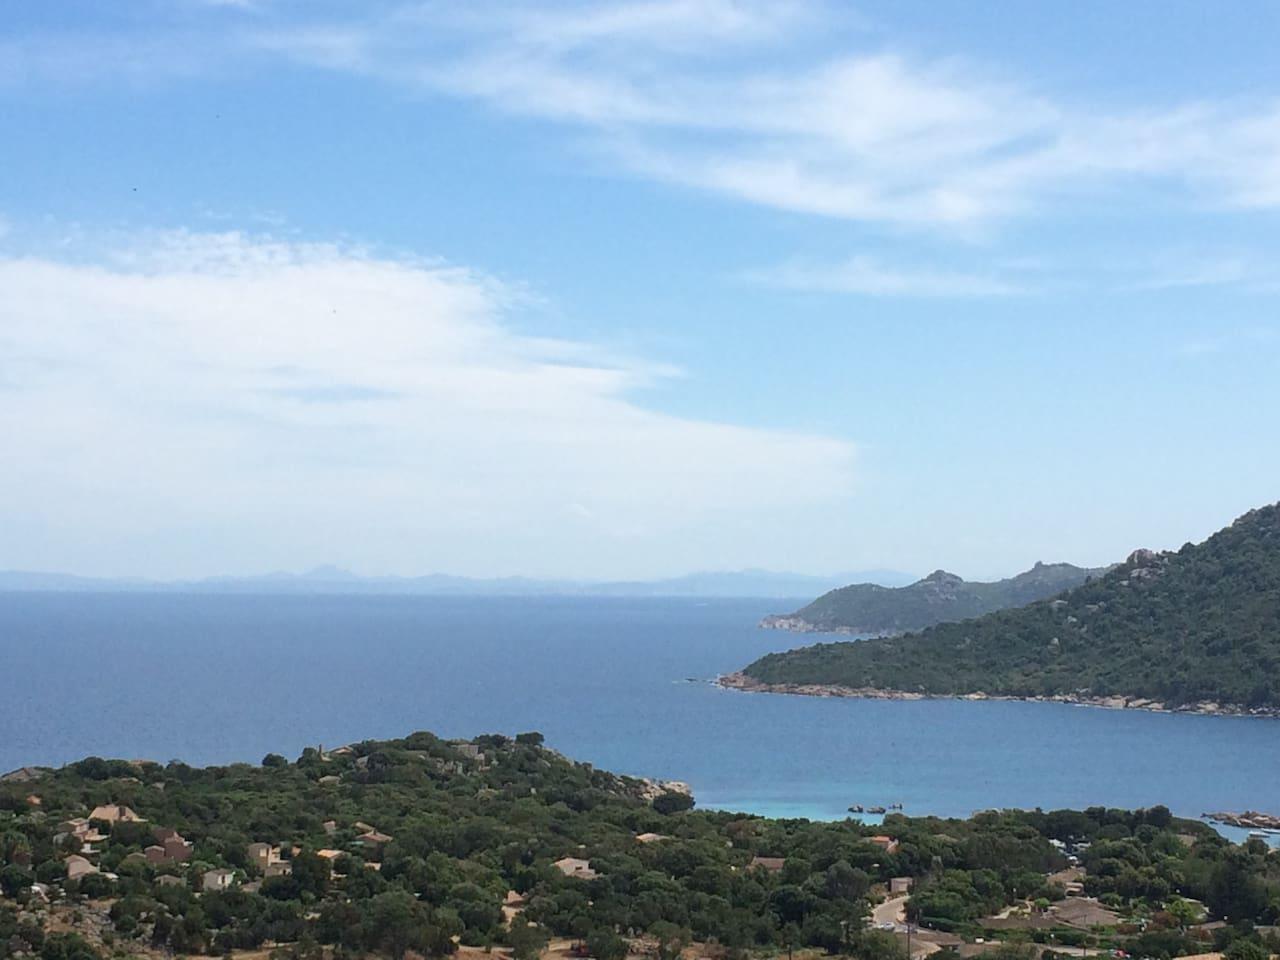 Vue baie de Santa giulia et Sardaigne au fond